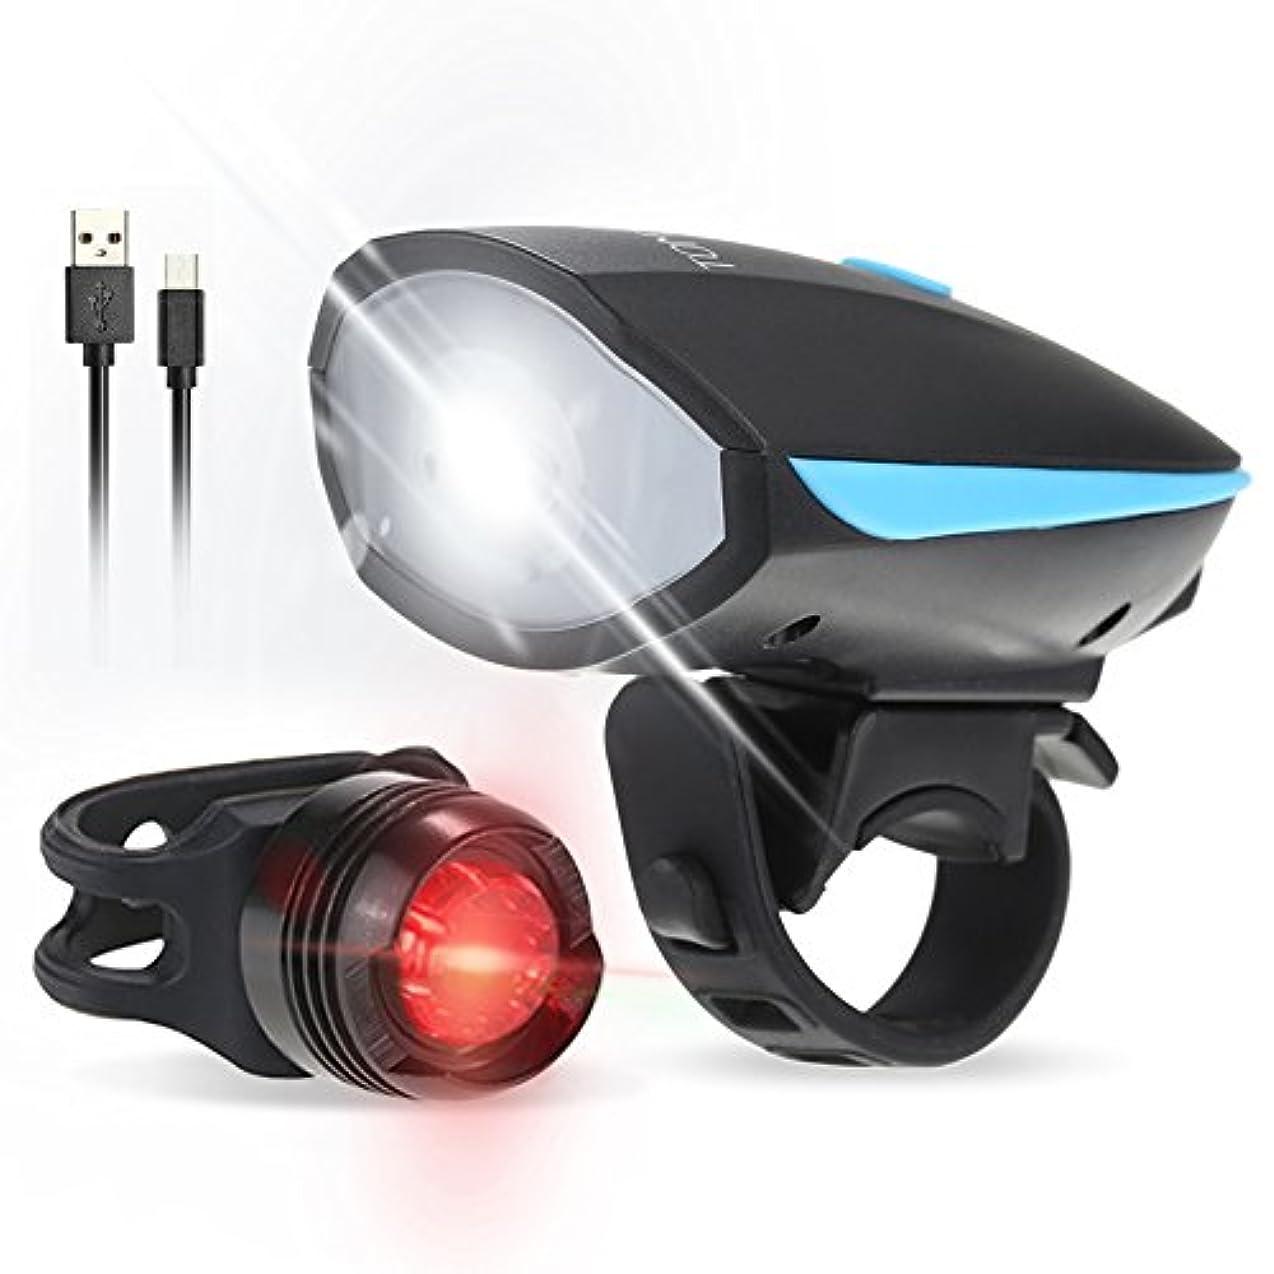 工業化する良さにじみ出るTOMSHINE 自転車用 ヘッドライト&テールライト 5W 250LM 120dB 電子ホーン付き 六つ点灯モード USB充電 生活防水 自転車 ライト